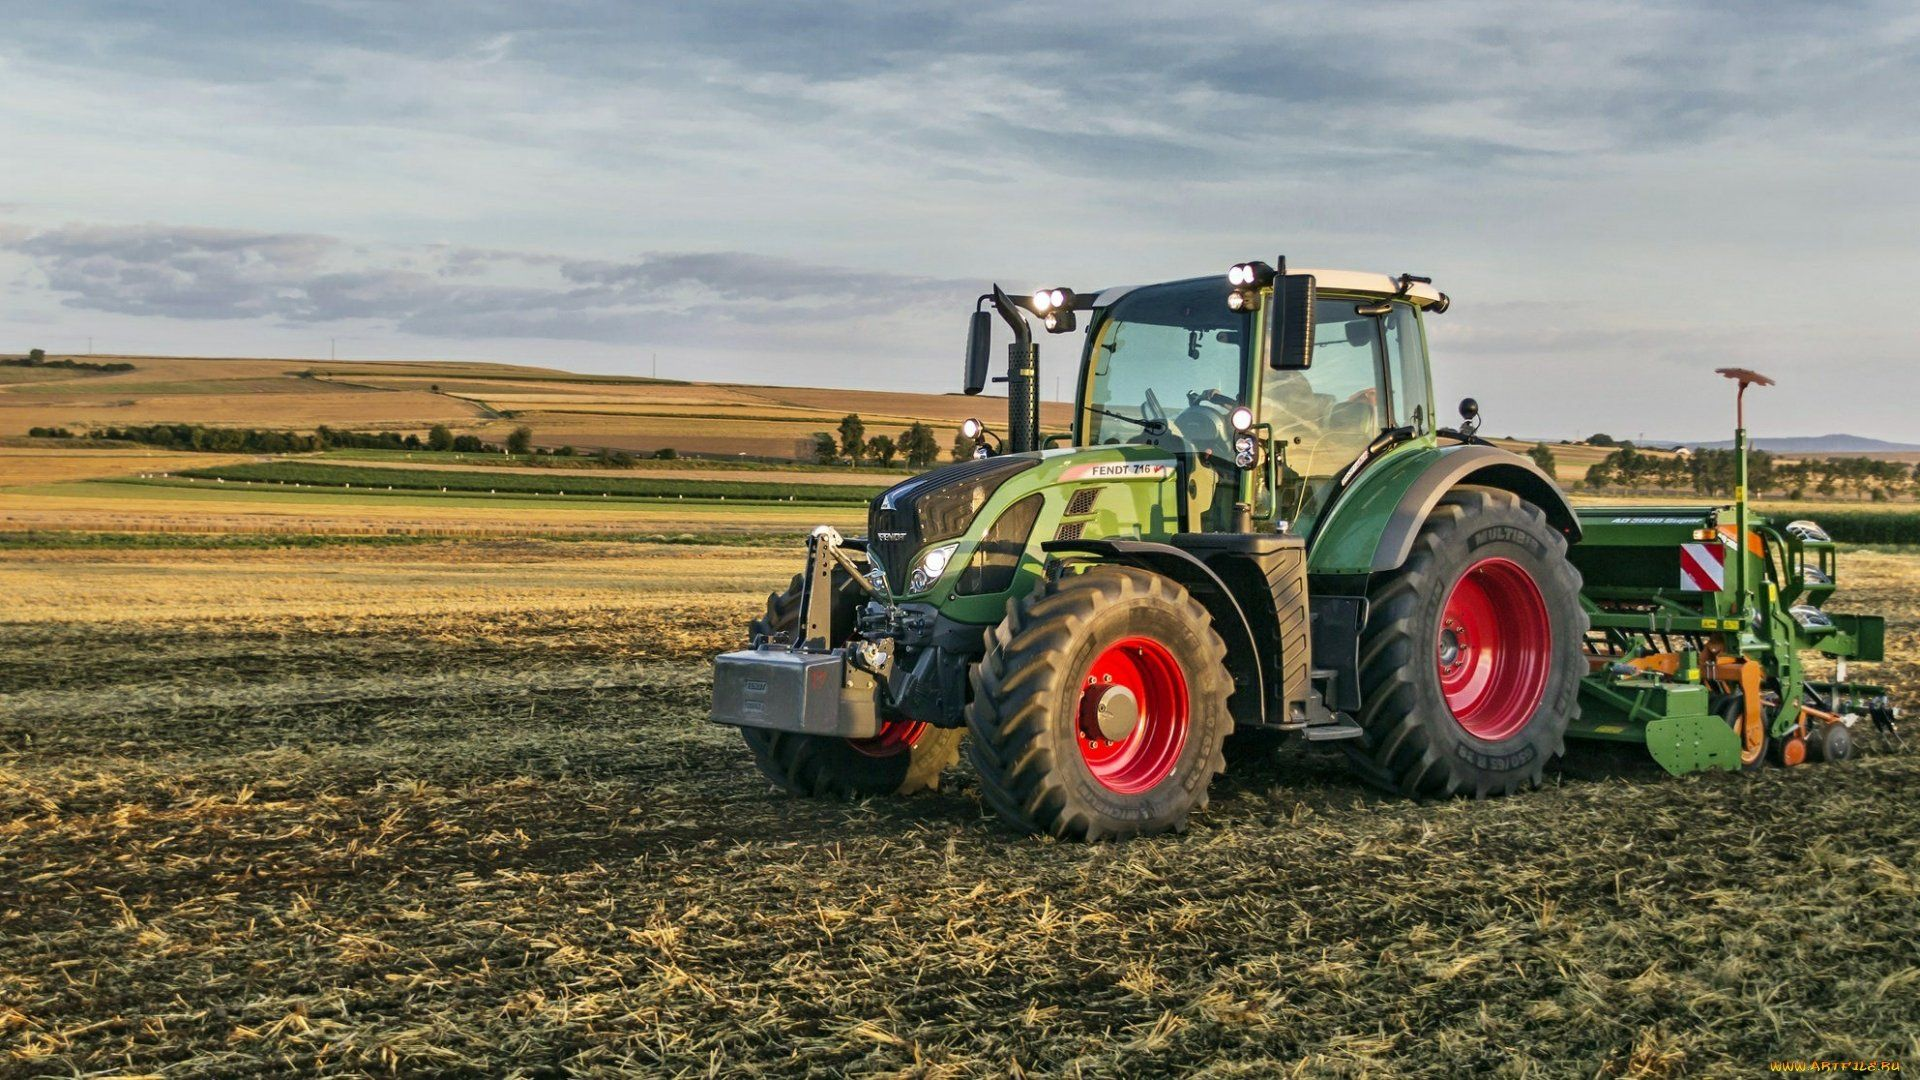 tractor wallpapers for desktop hd wallpapers tractors